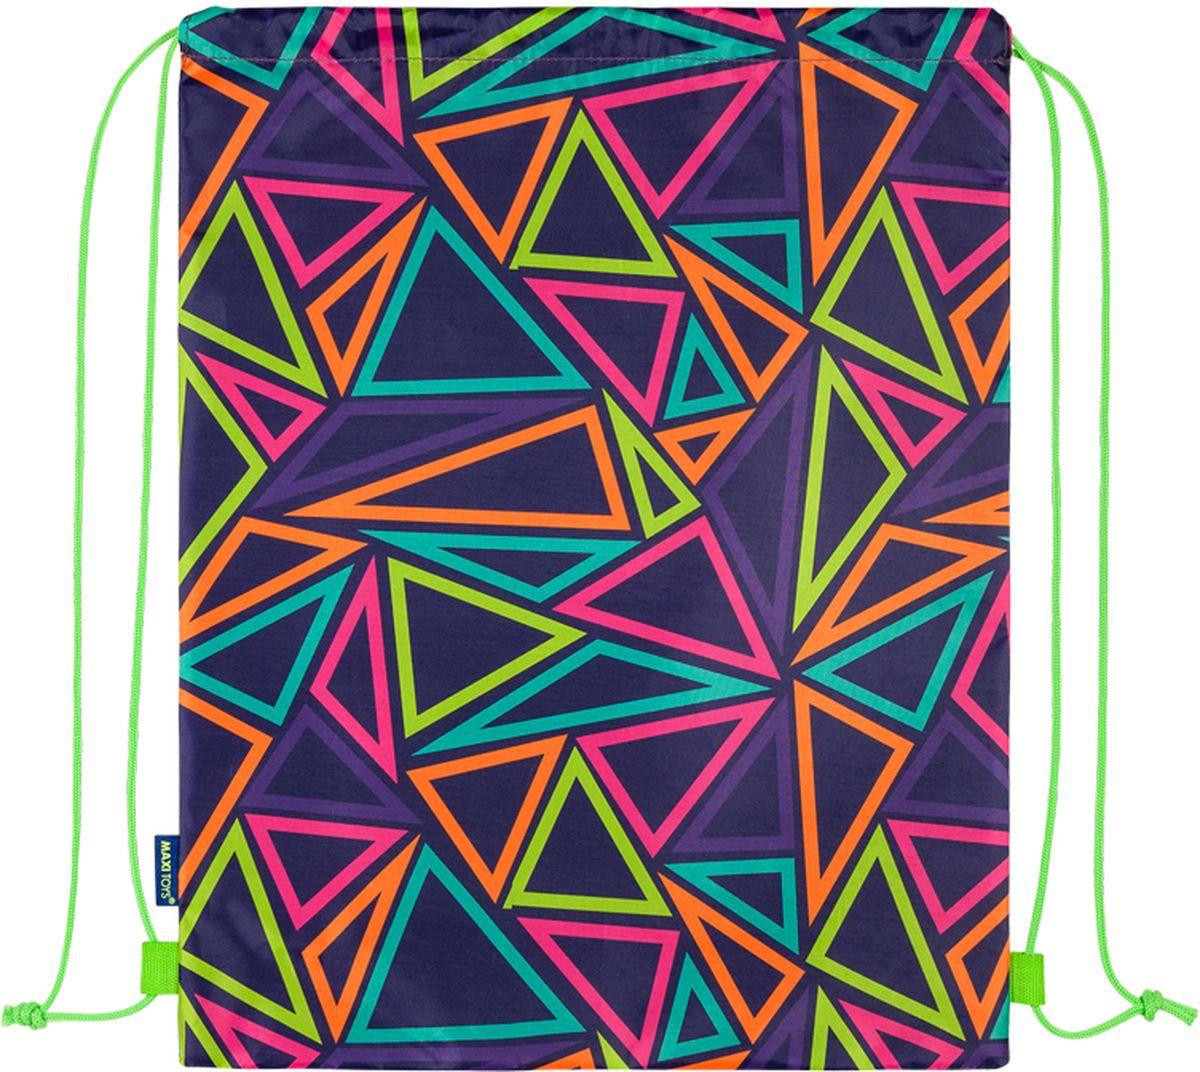 Maxitoys Мешок для обуви Разноцветные треугольники мешок для обуви феникс мото на синем 36 48см полиэстер 39981